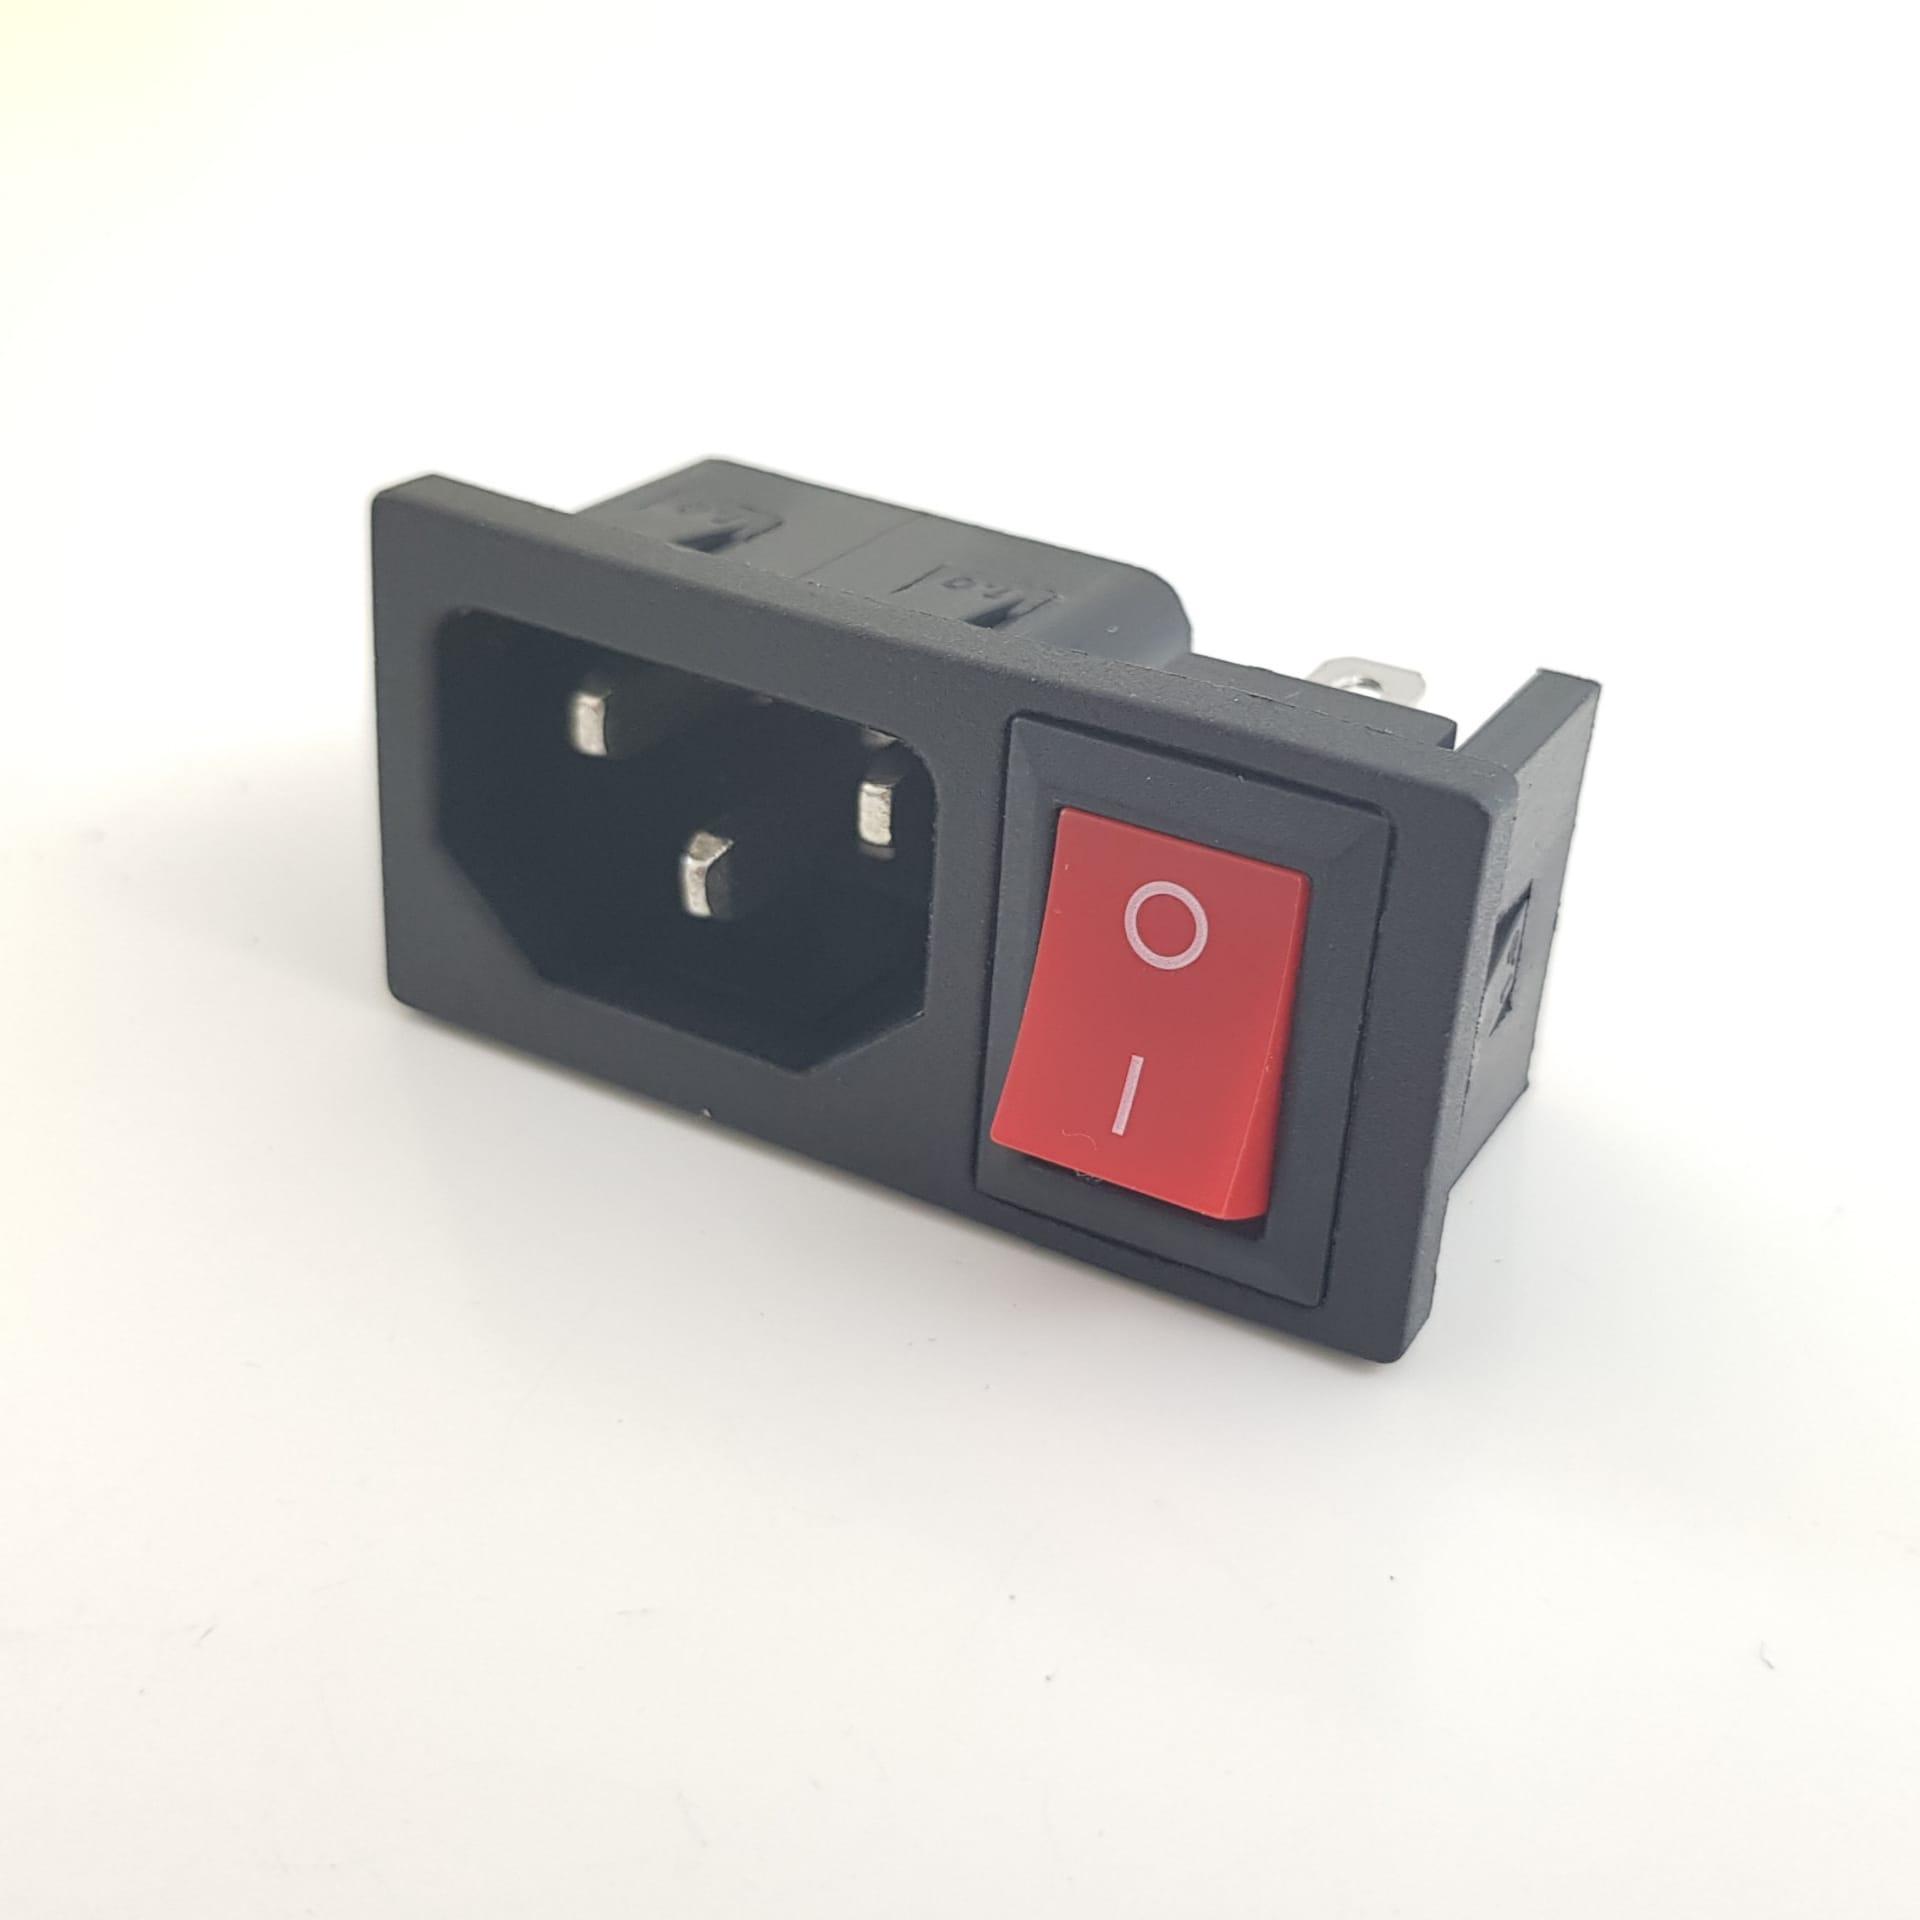 Interruptor e ficha IEC 320 C14